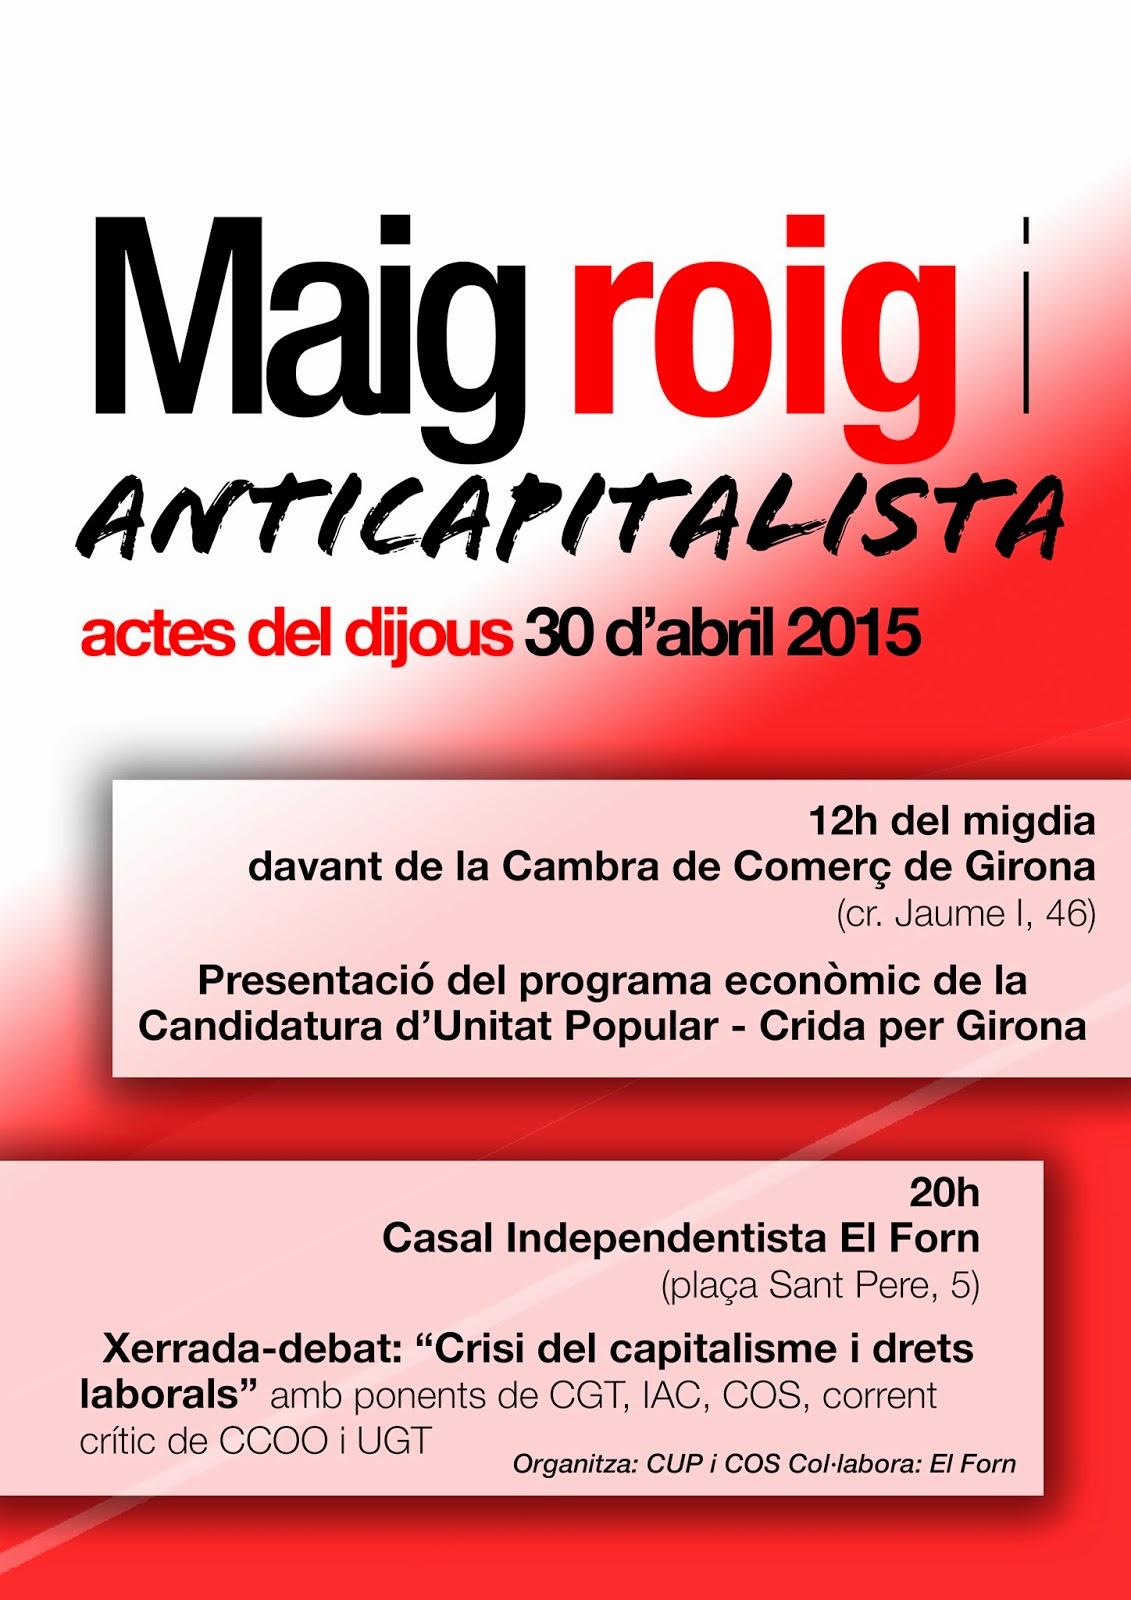 Casal Independentista El Forn